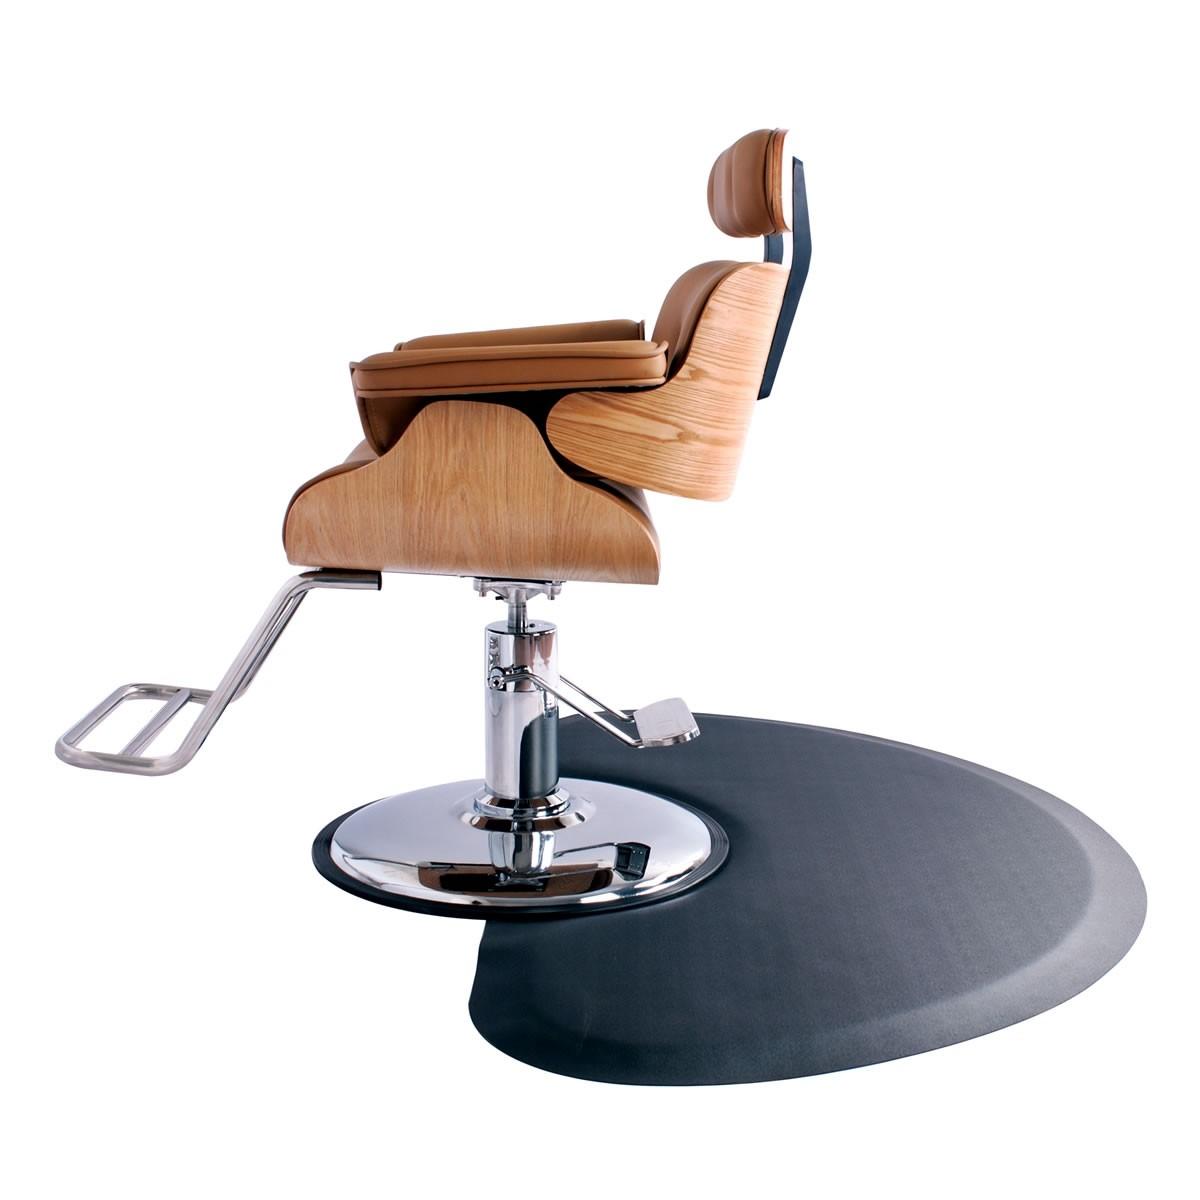 Salon Floor Mats, Hair Salon Mats, Anti Fatigue Mats